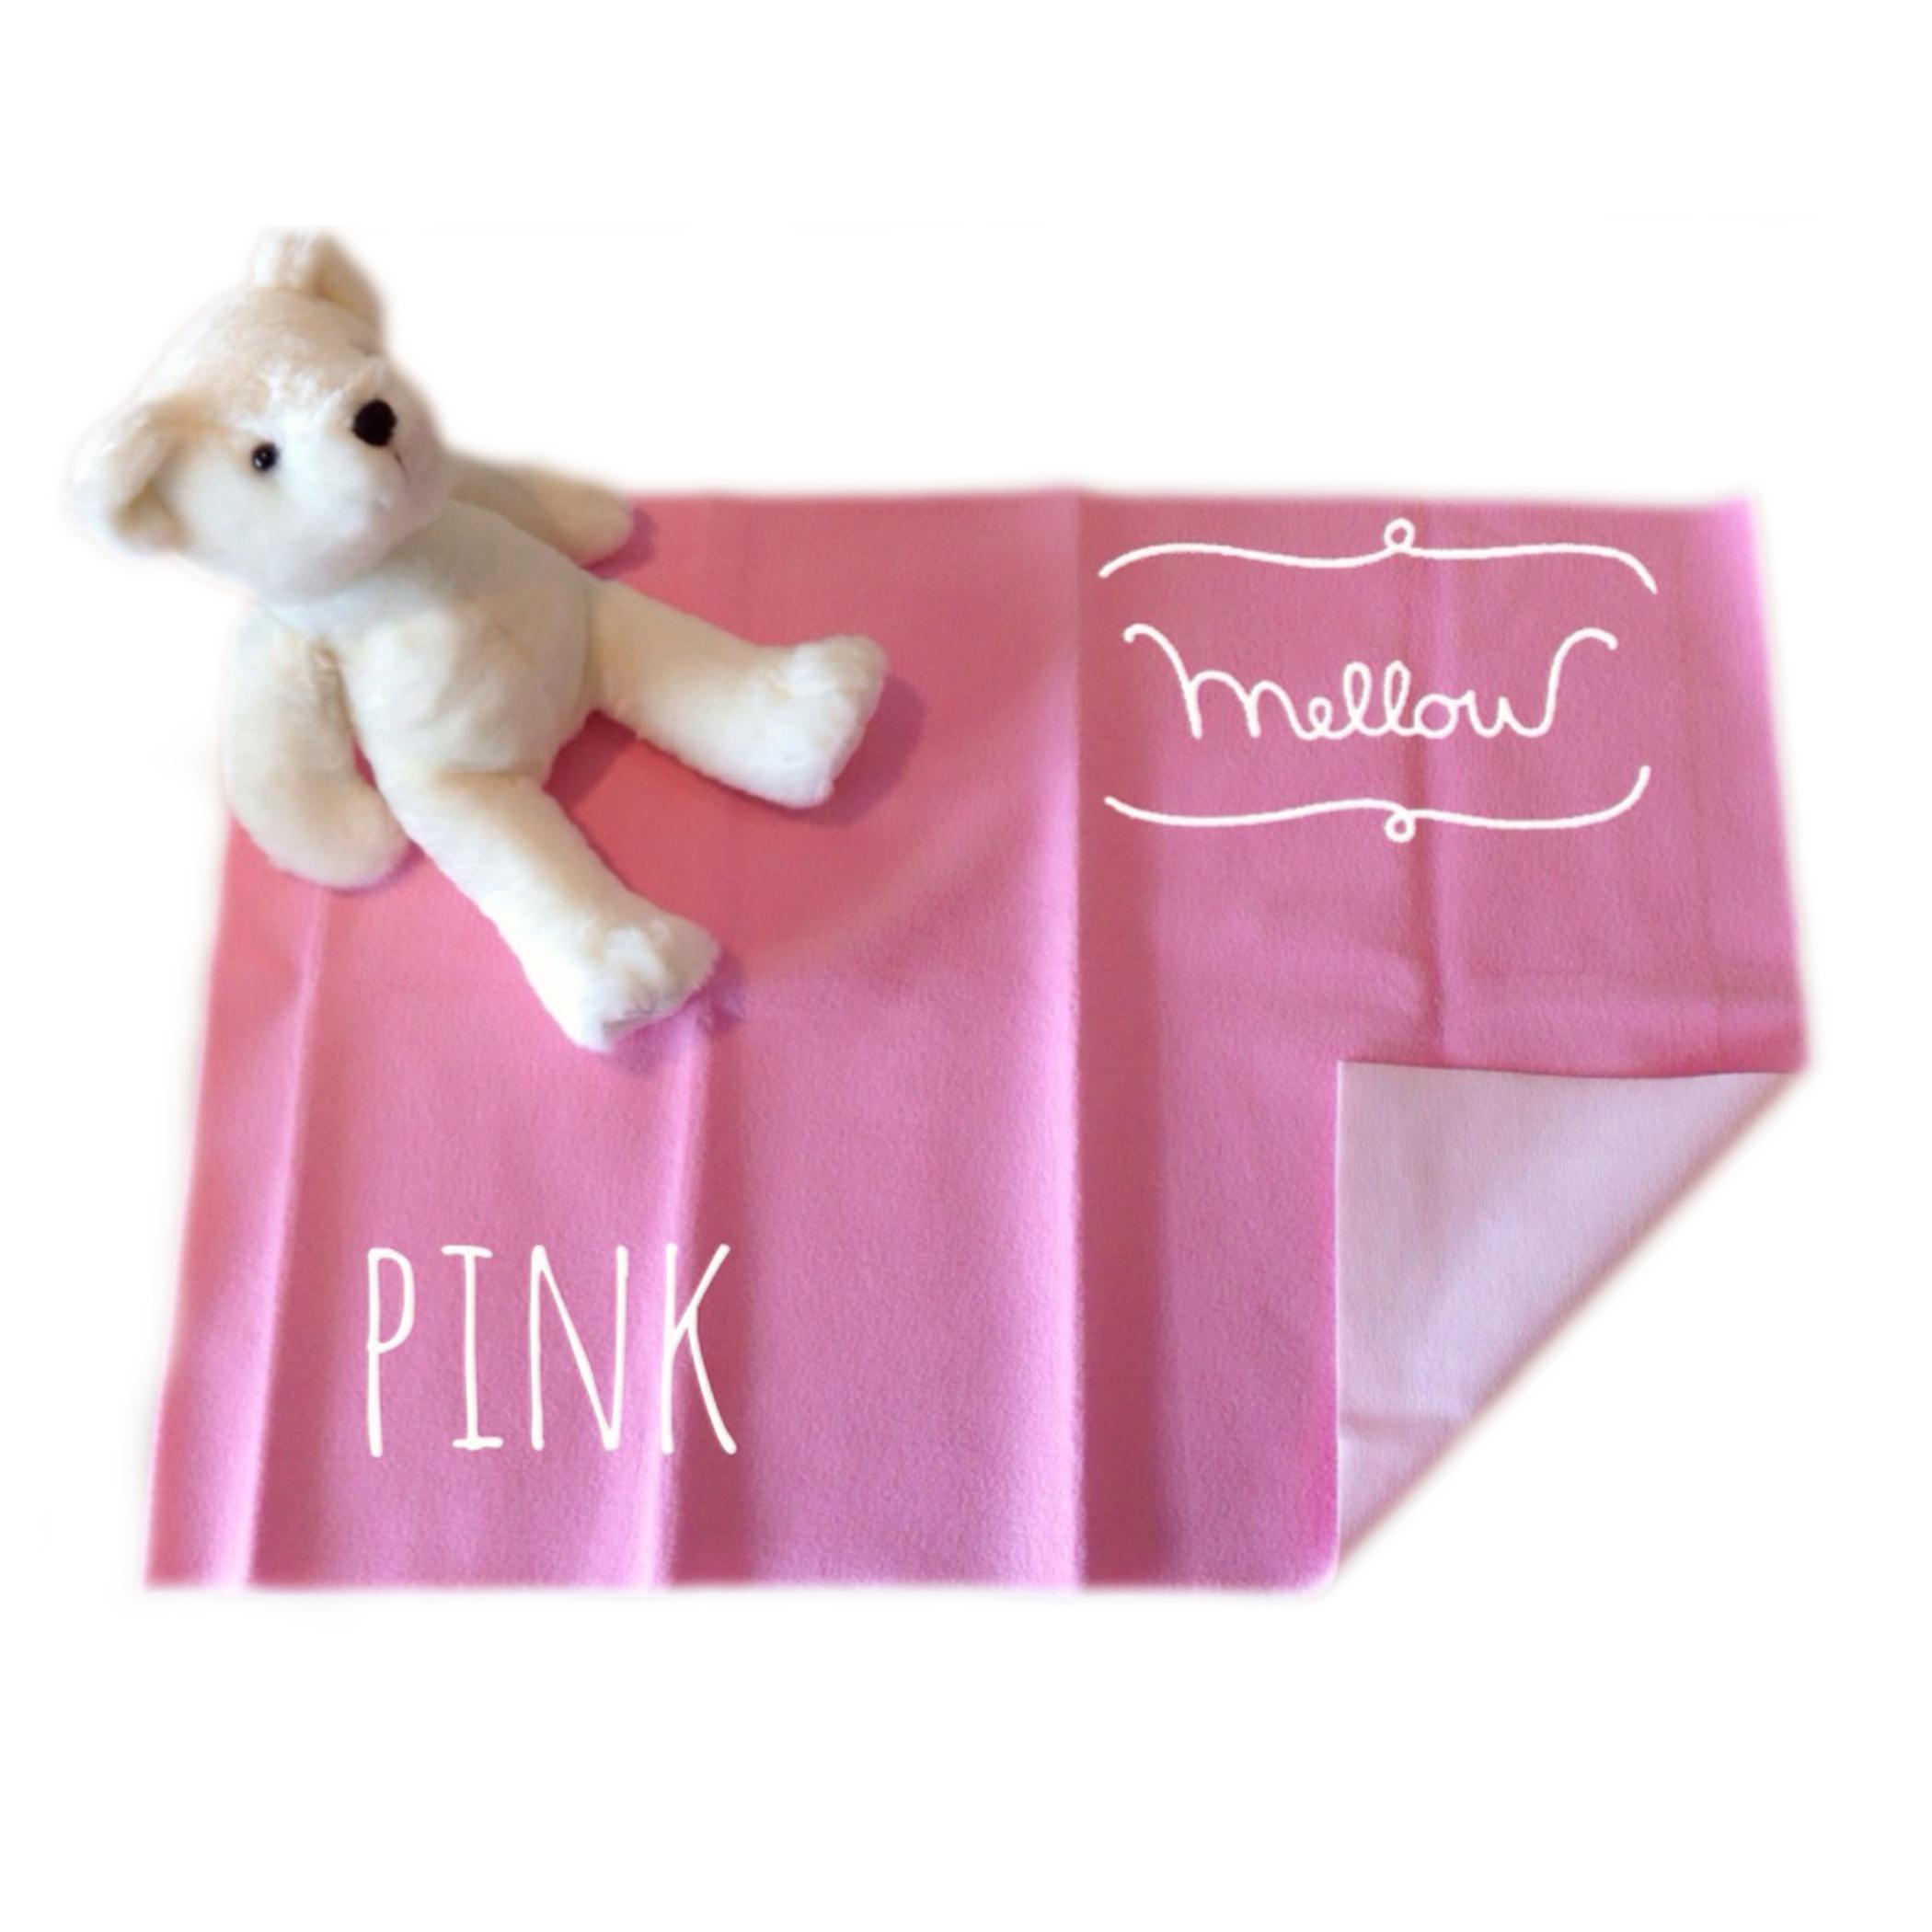 ผ้ารองกันฉี่ Mellow Quick dry SIZE S Pink